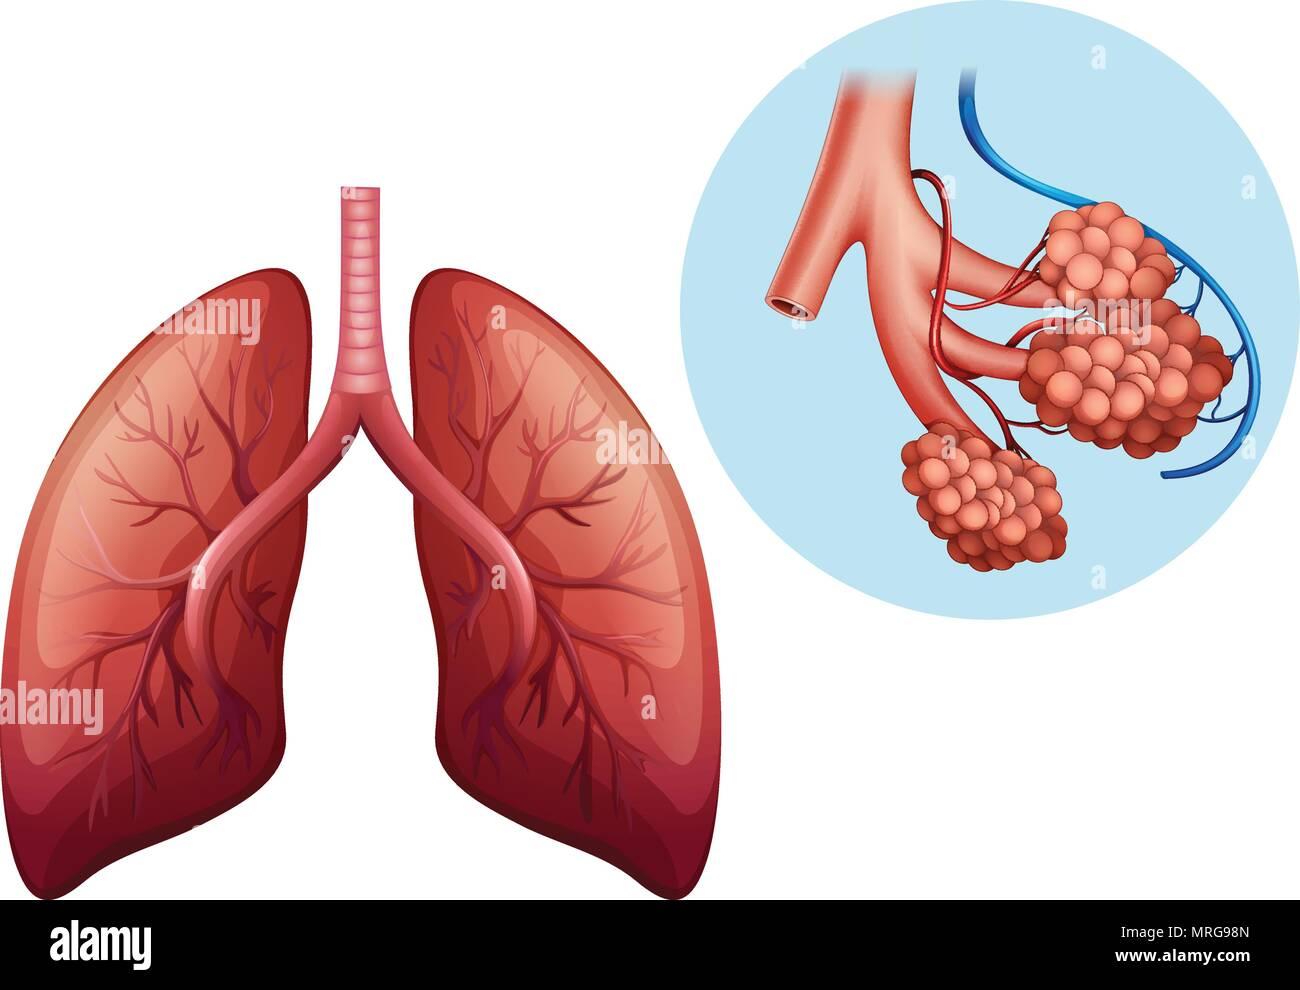 Excelente Anatomía Vasculatura Pulmonar Ornamento - Anatomía de Las ...